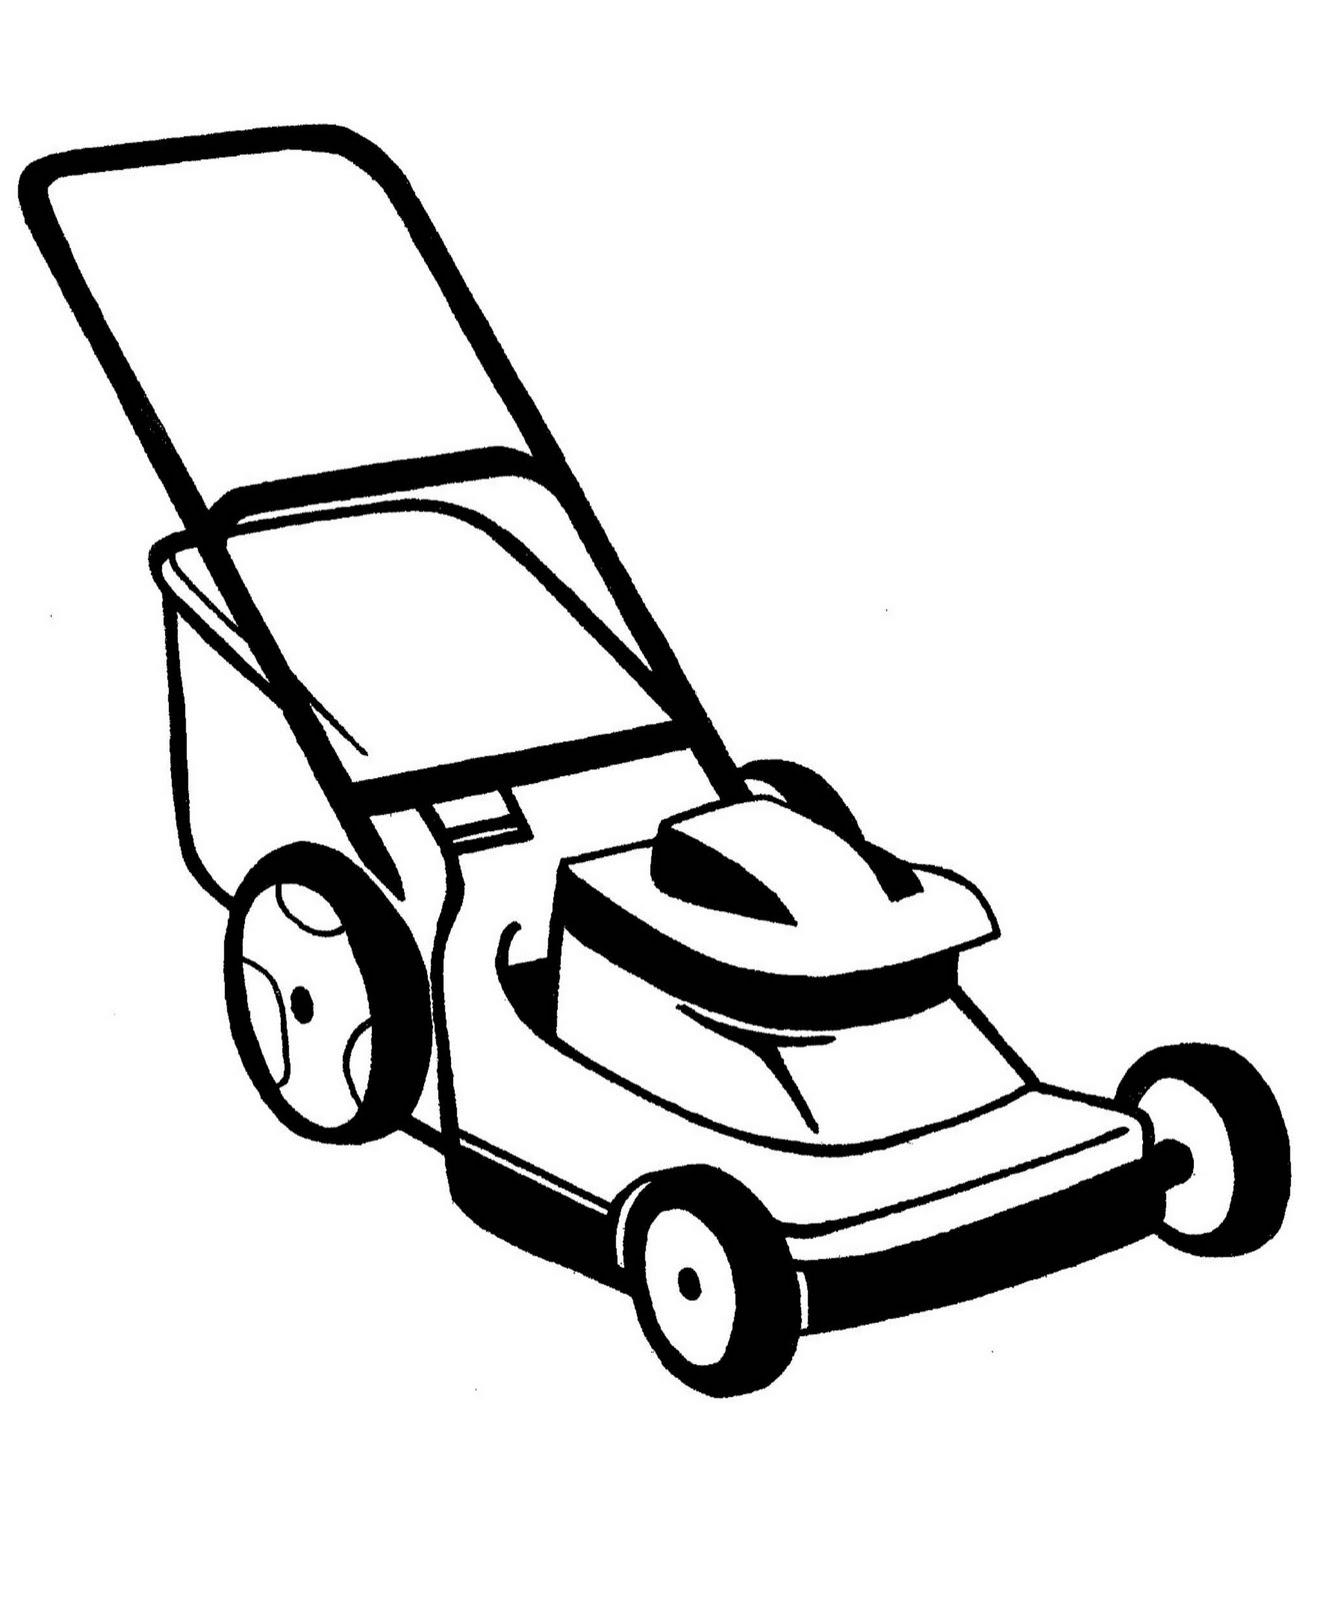 Lawn Mower Clipart #15198